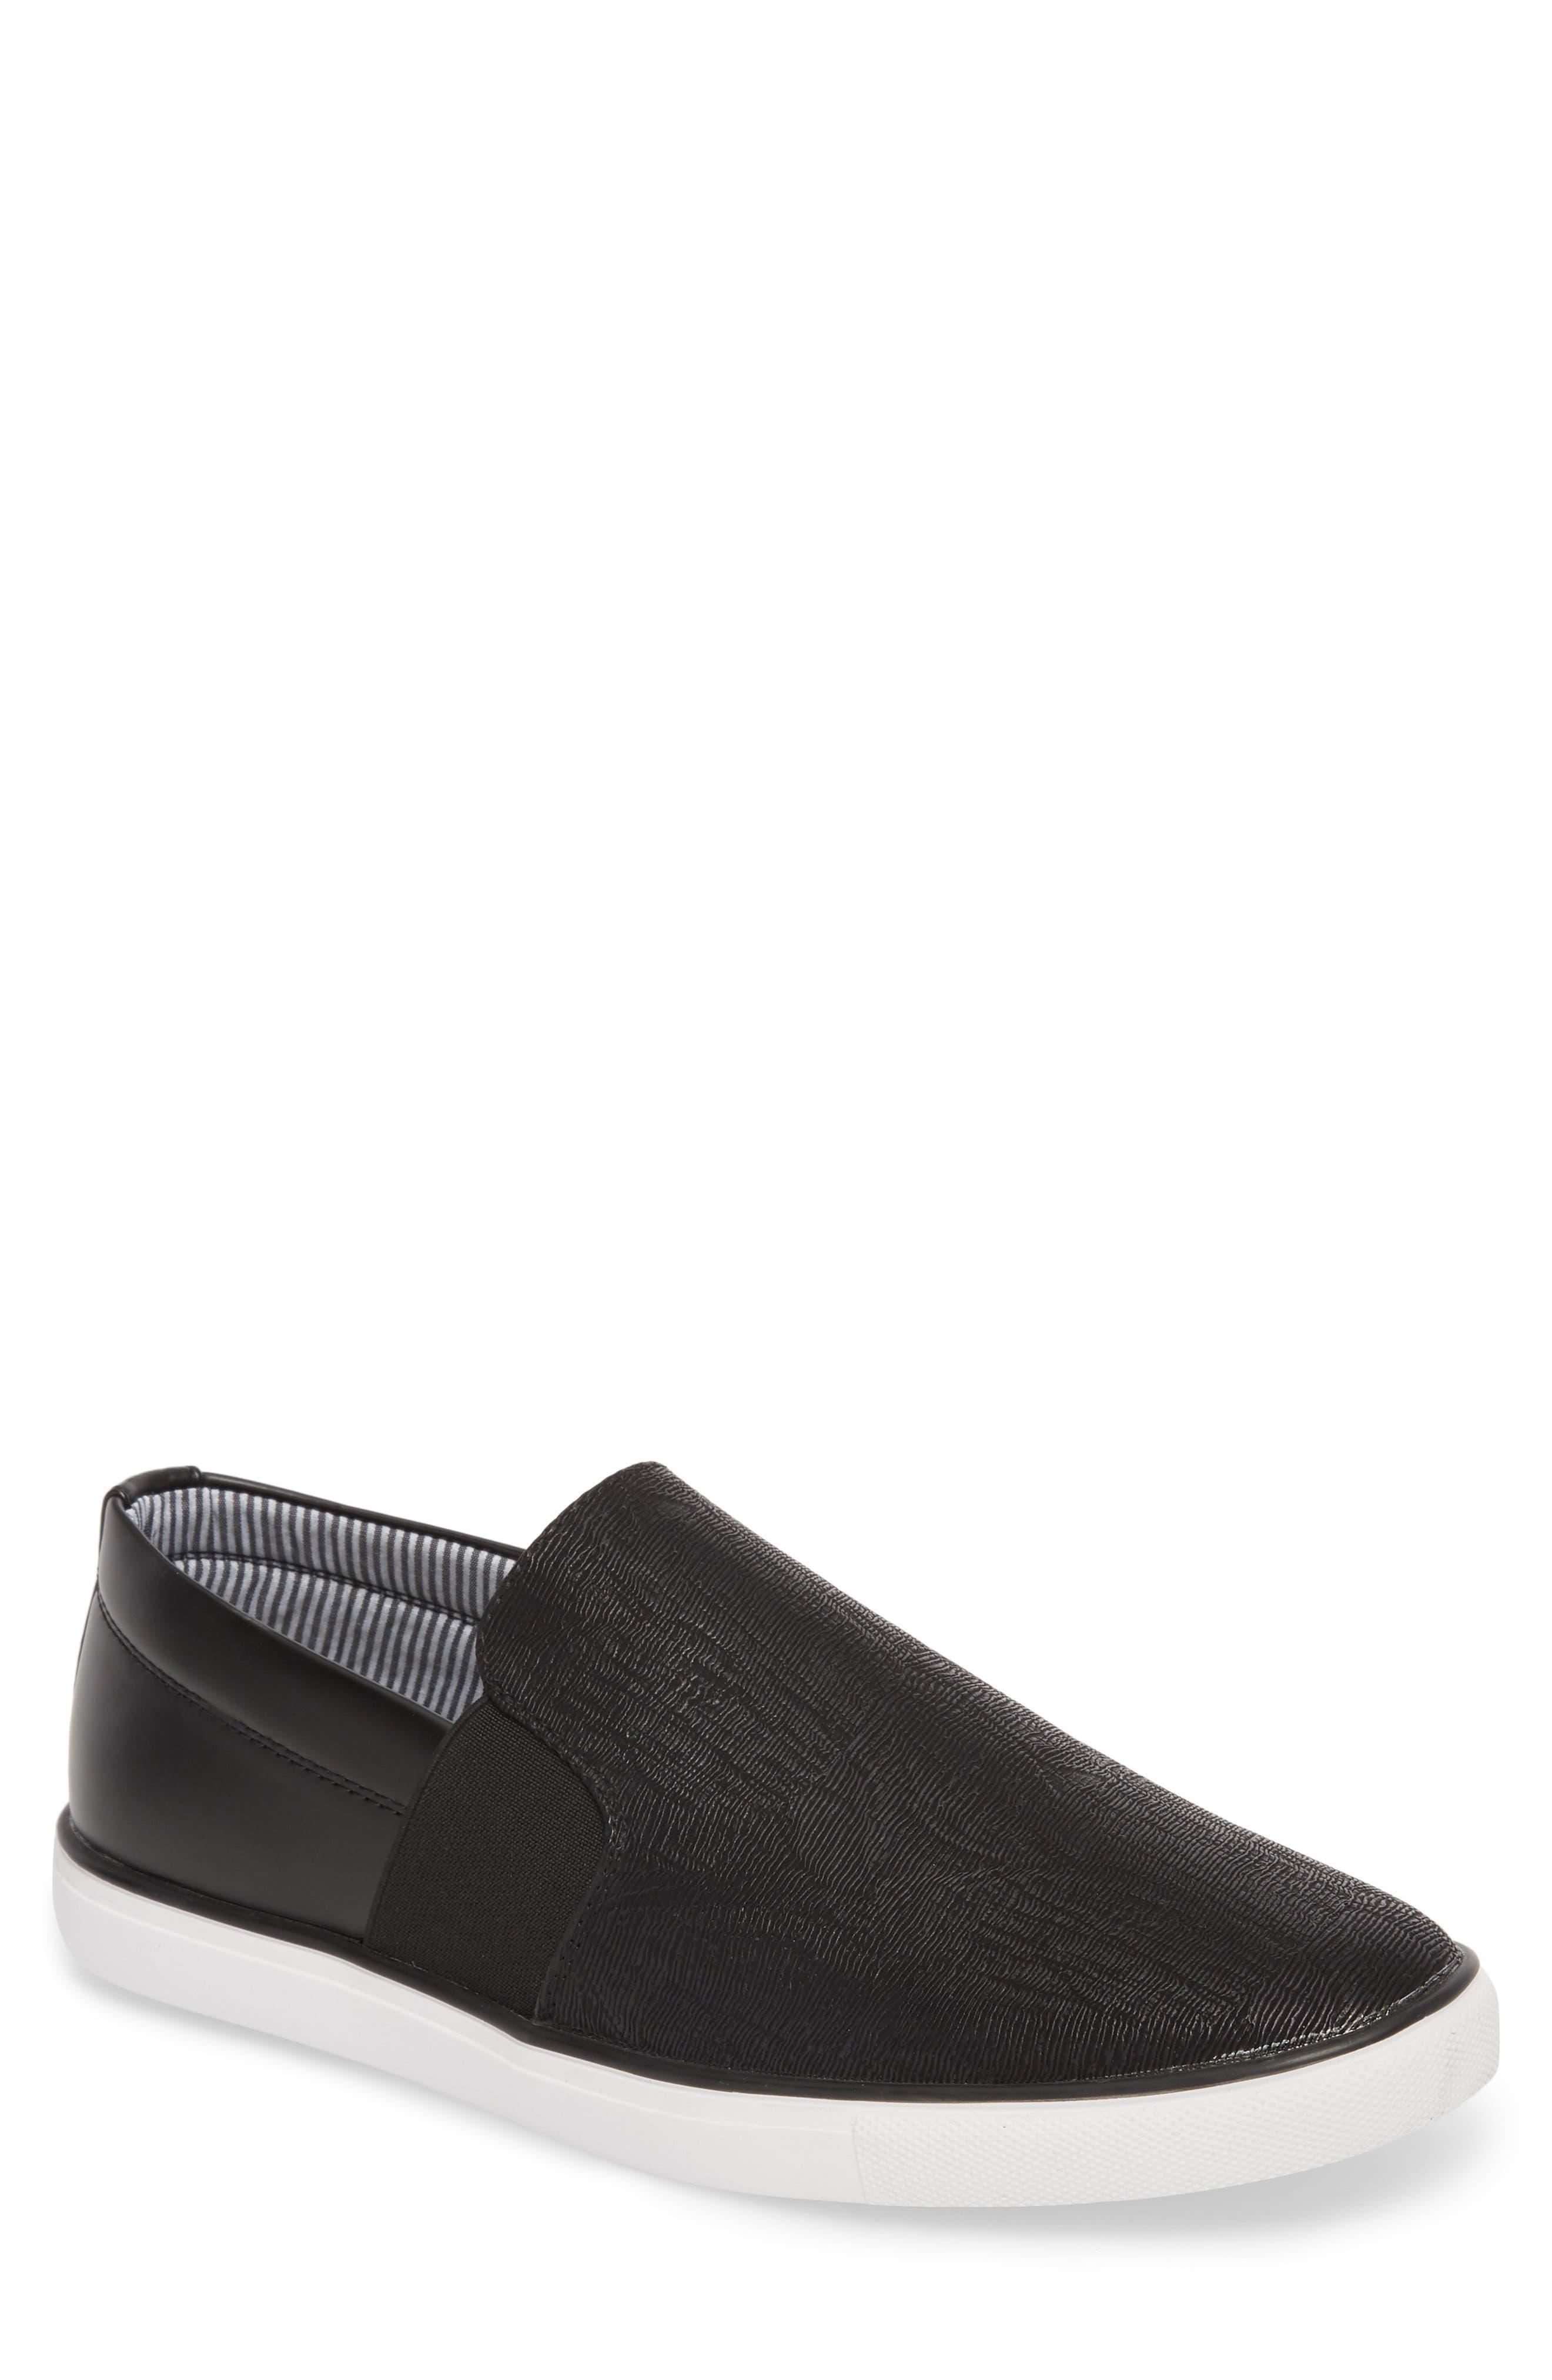 Fish 'N' Chips Dublin Slip-On Sneaker,                         Main,                         color, Black